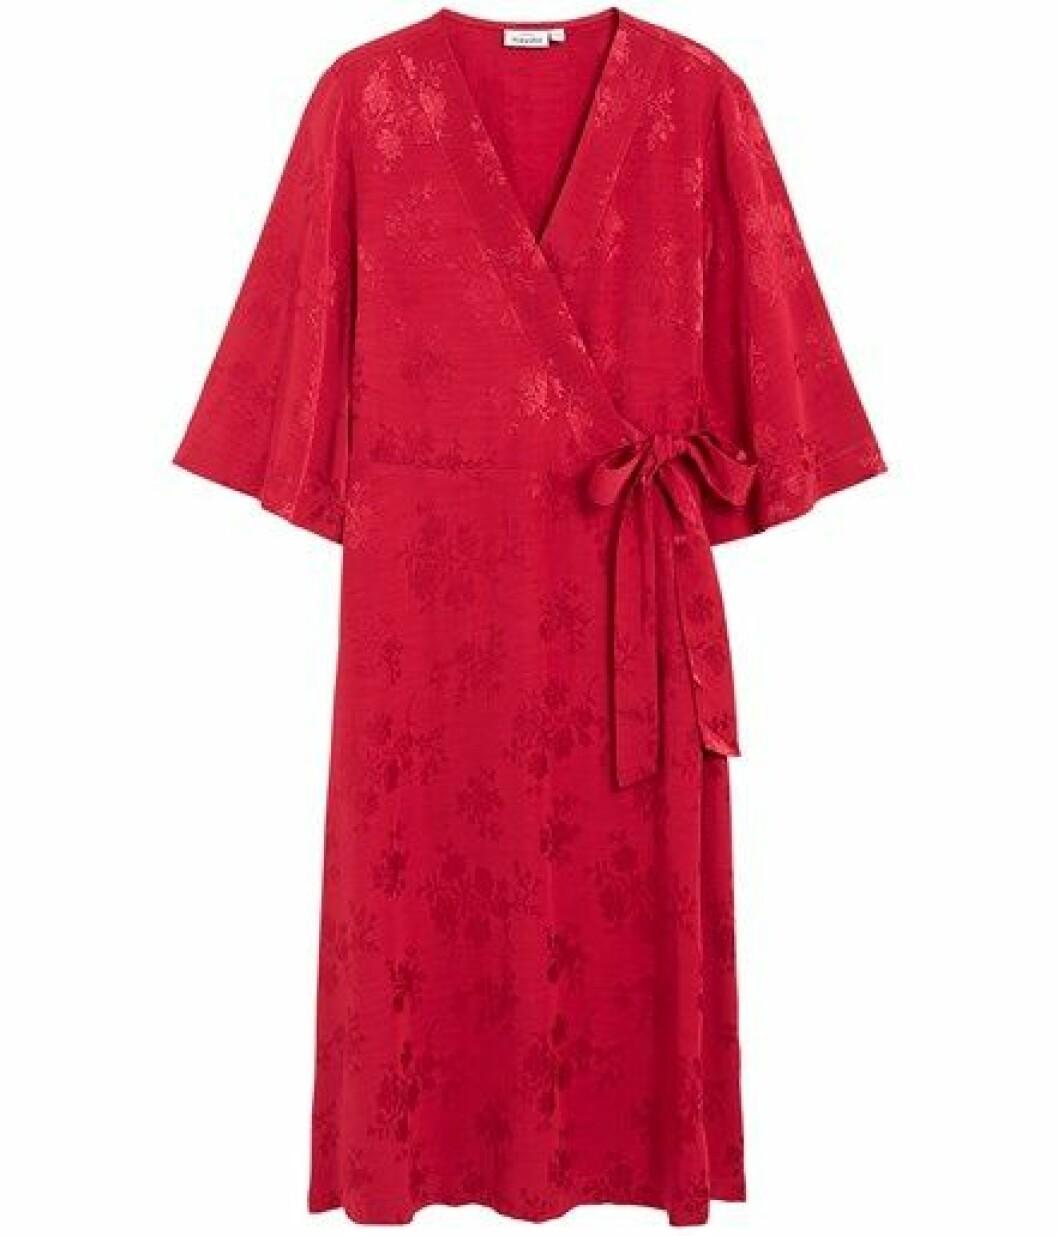 Röd omlottklänning från Kappahl